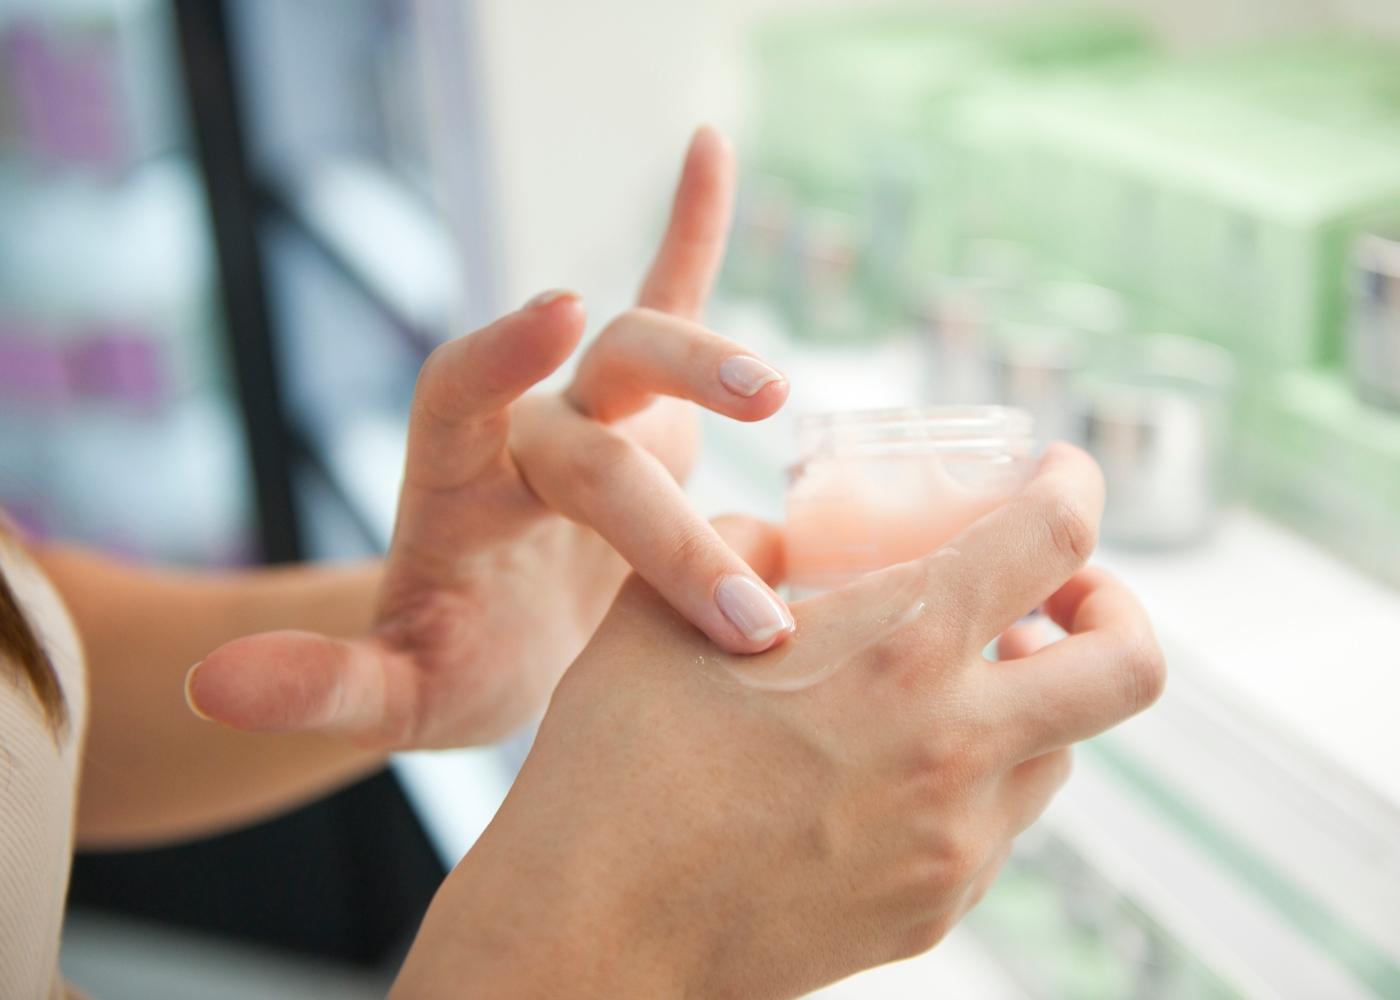 Mulher a hidratar mãos com vaselina